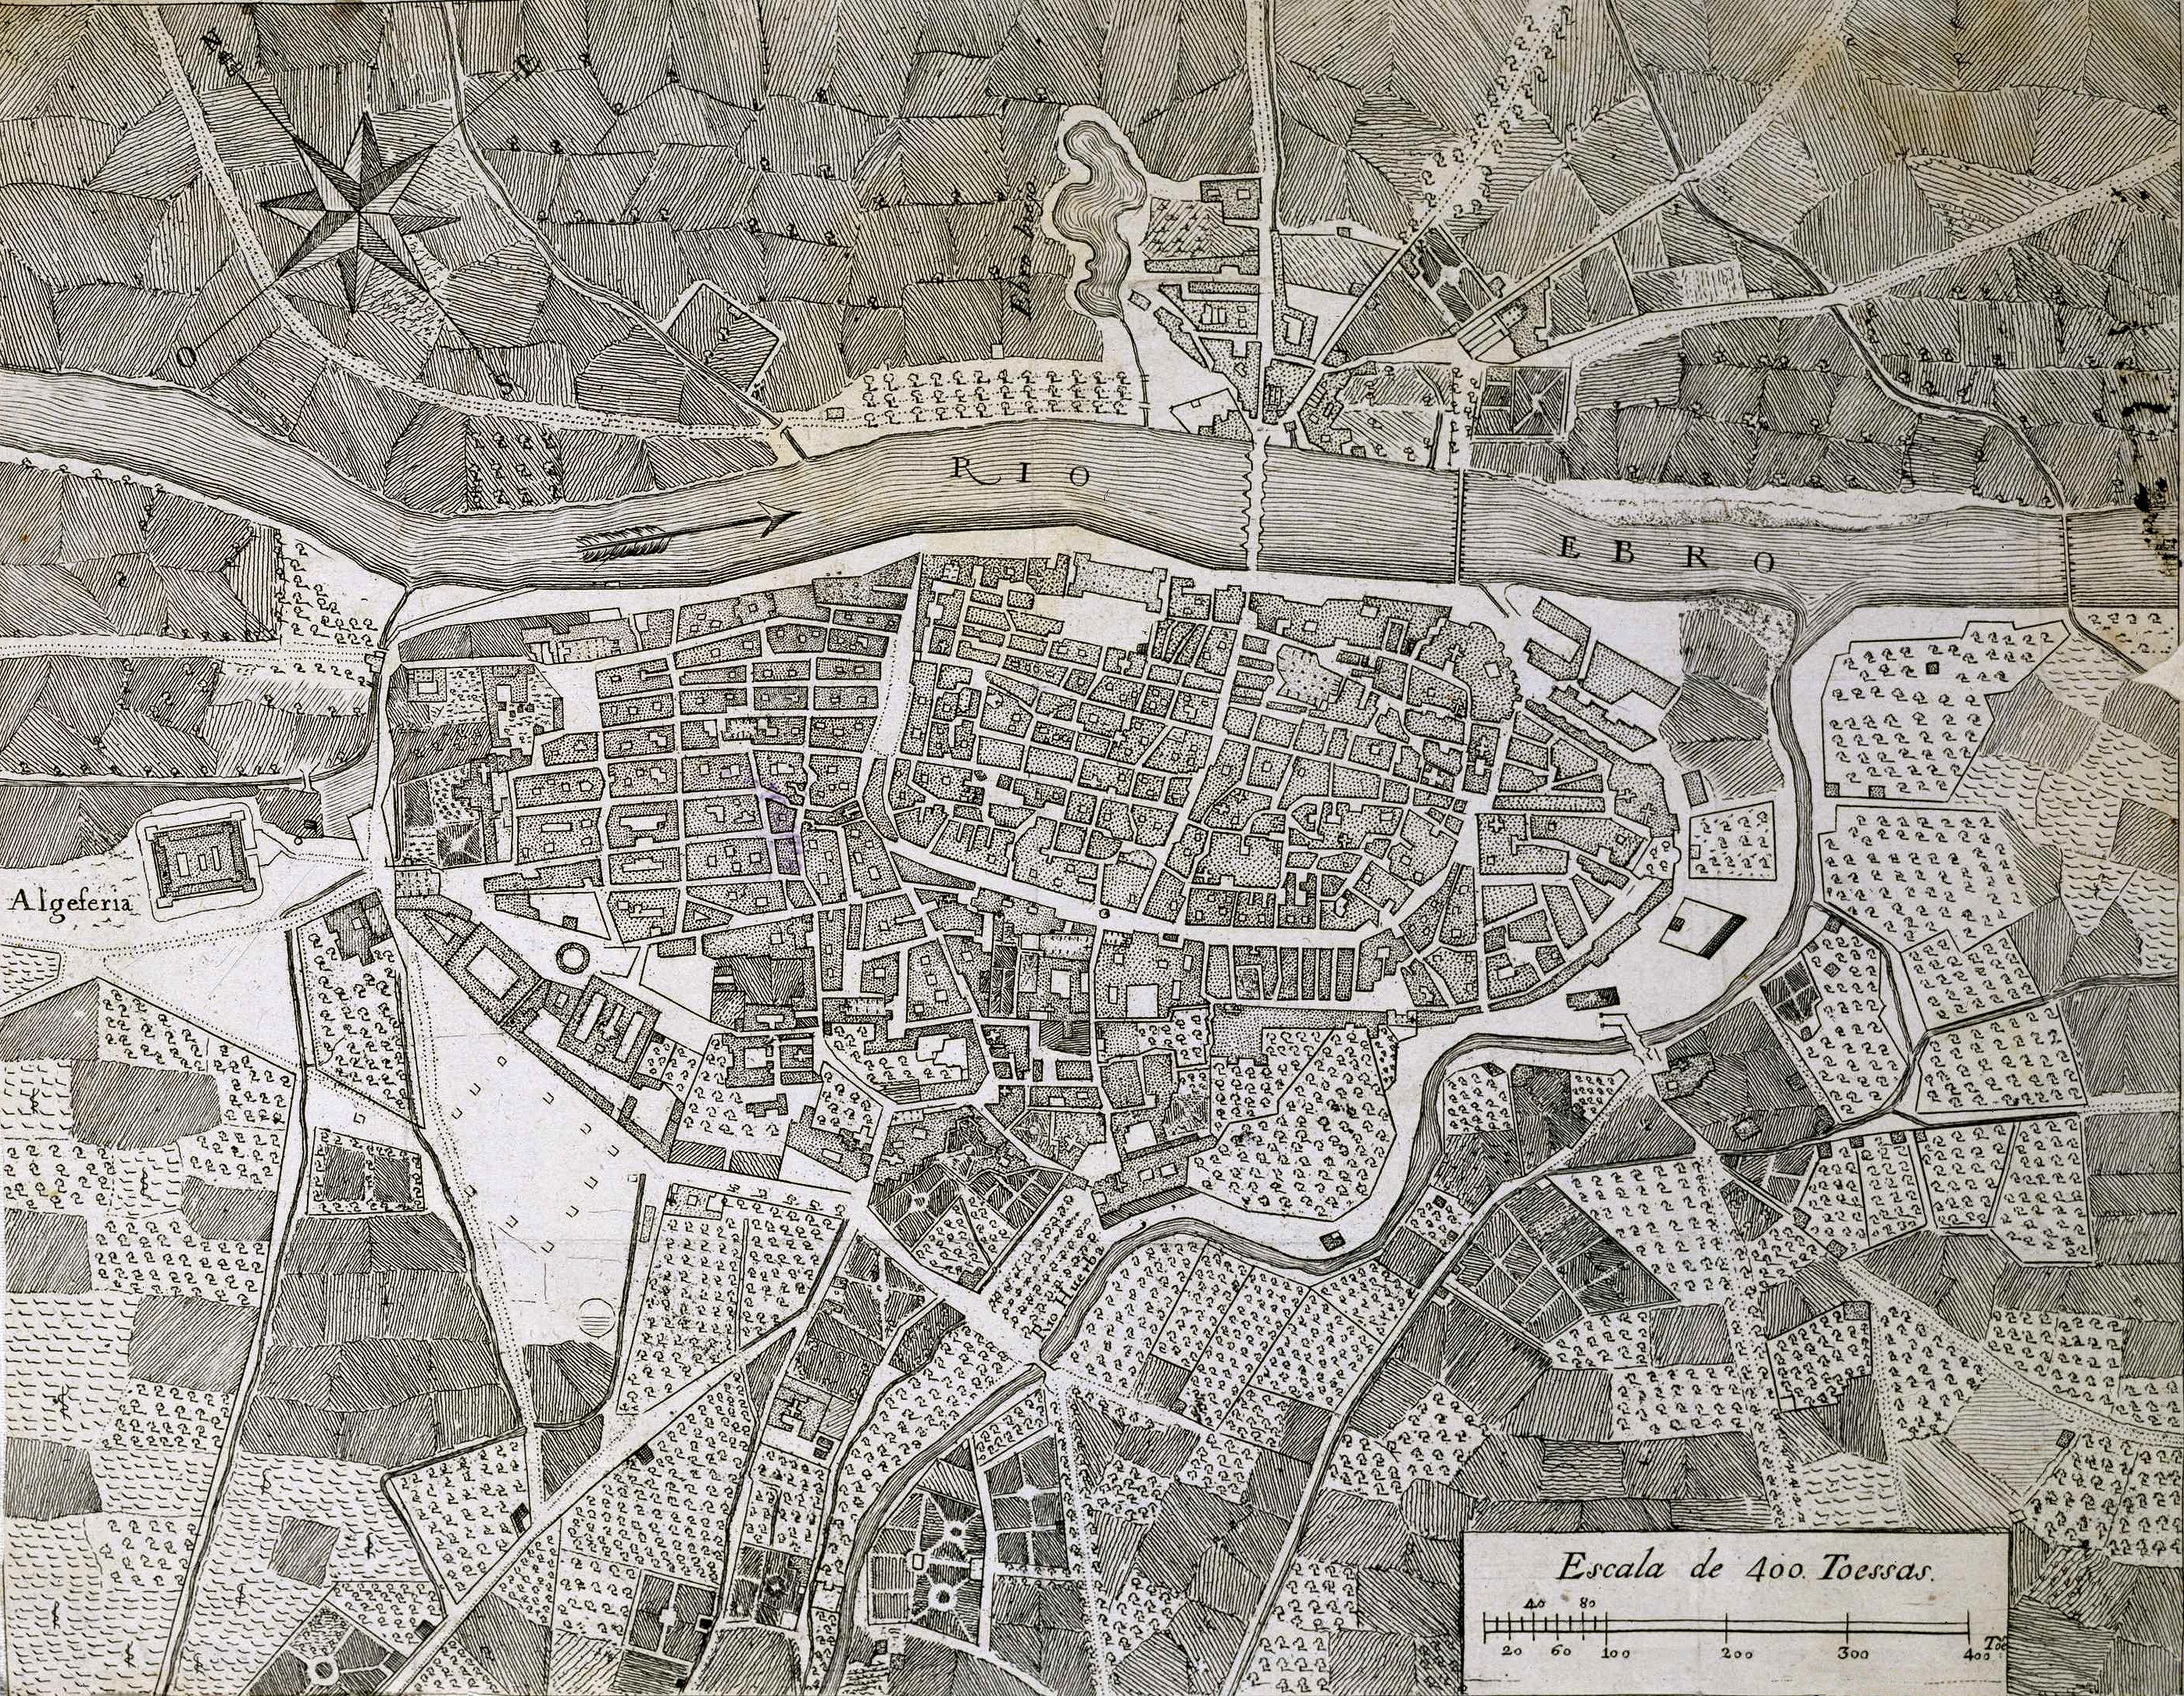 Mapa De Zaragoza Ciudad.Archivo Plano Topografico De La Ciudad De Zaragoza Jpg